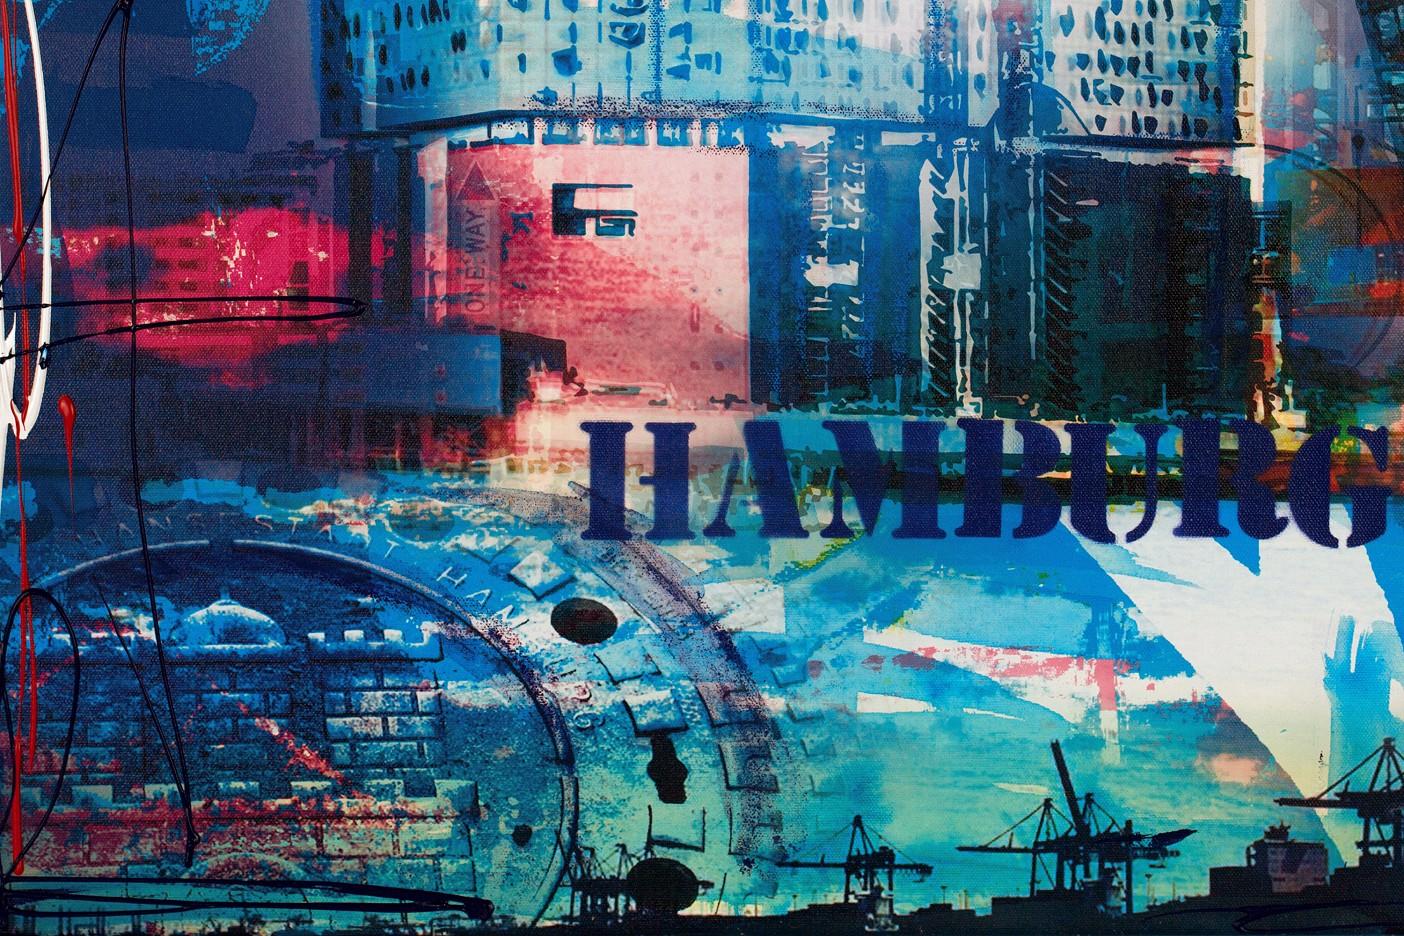 Hamburg Elbphilharmonie 2016